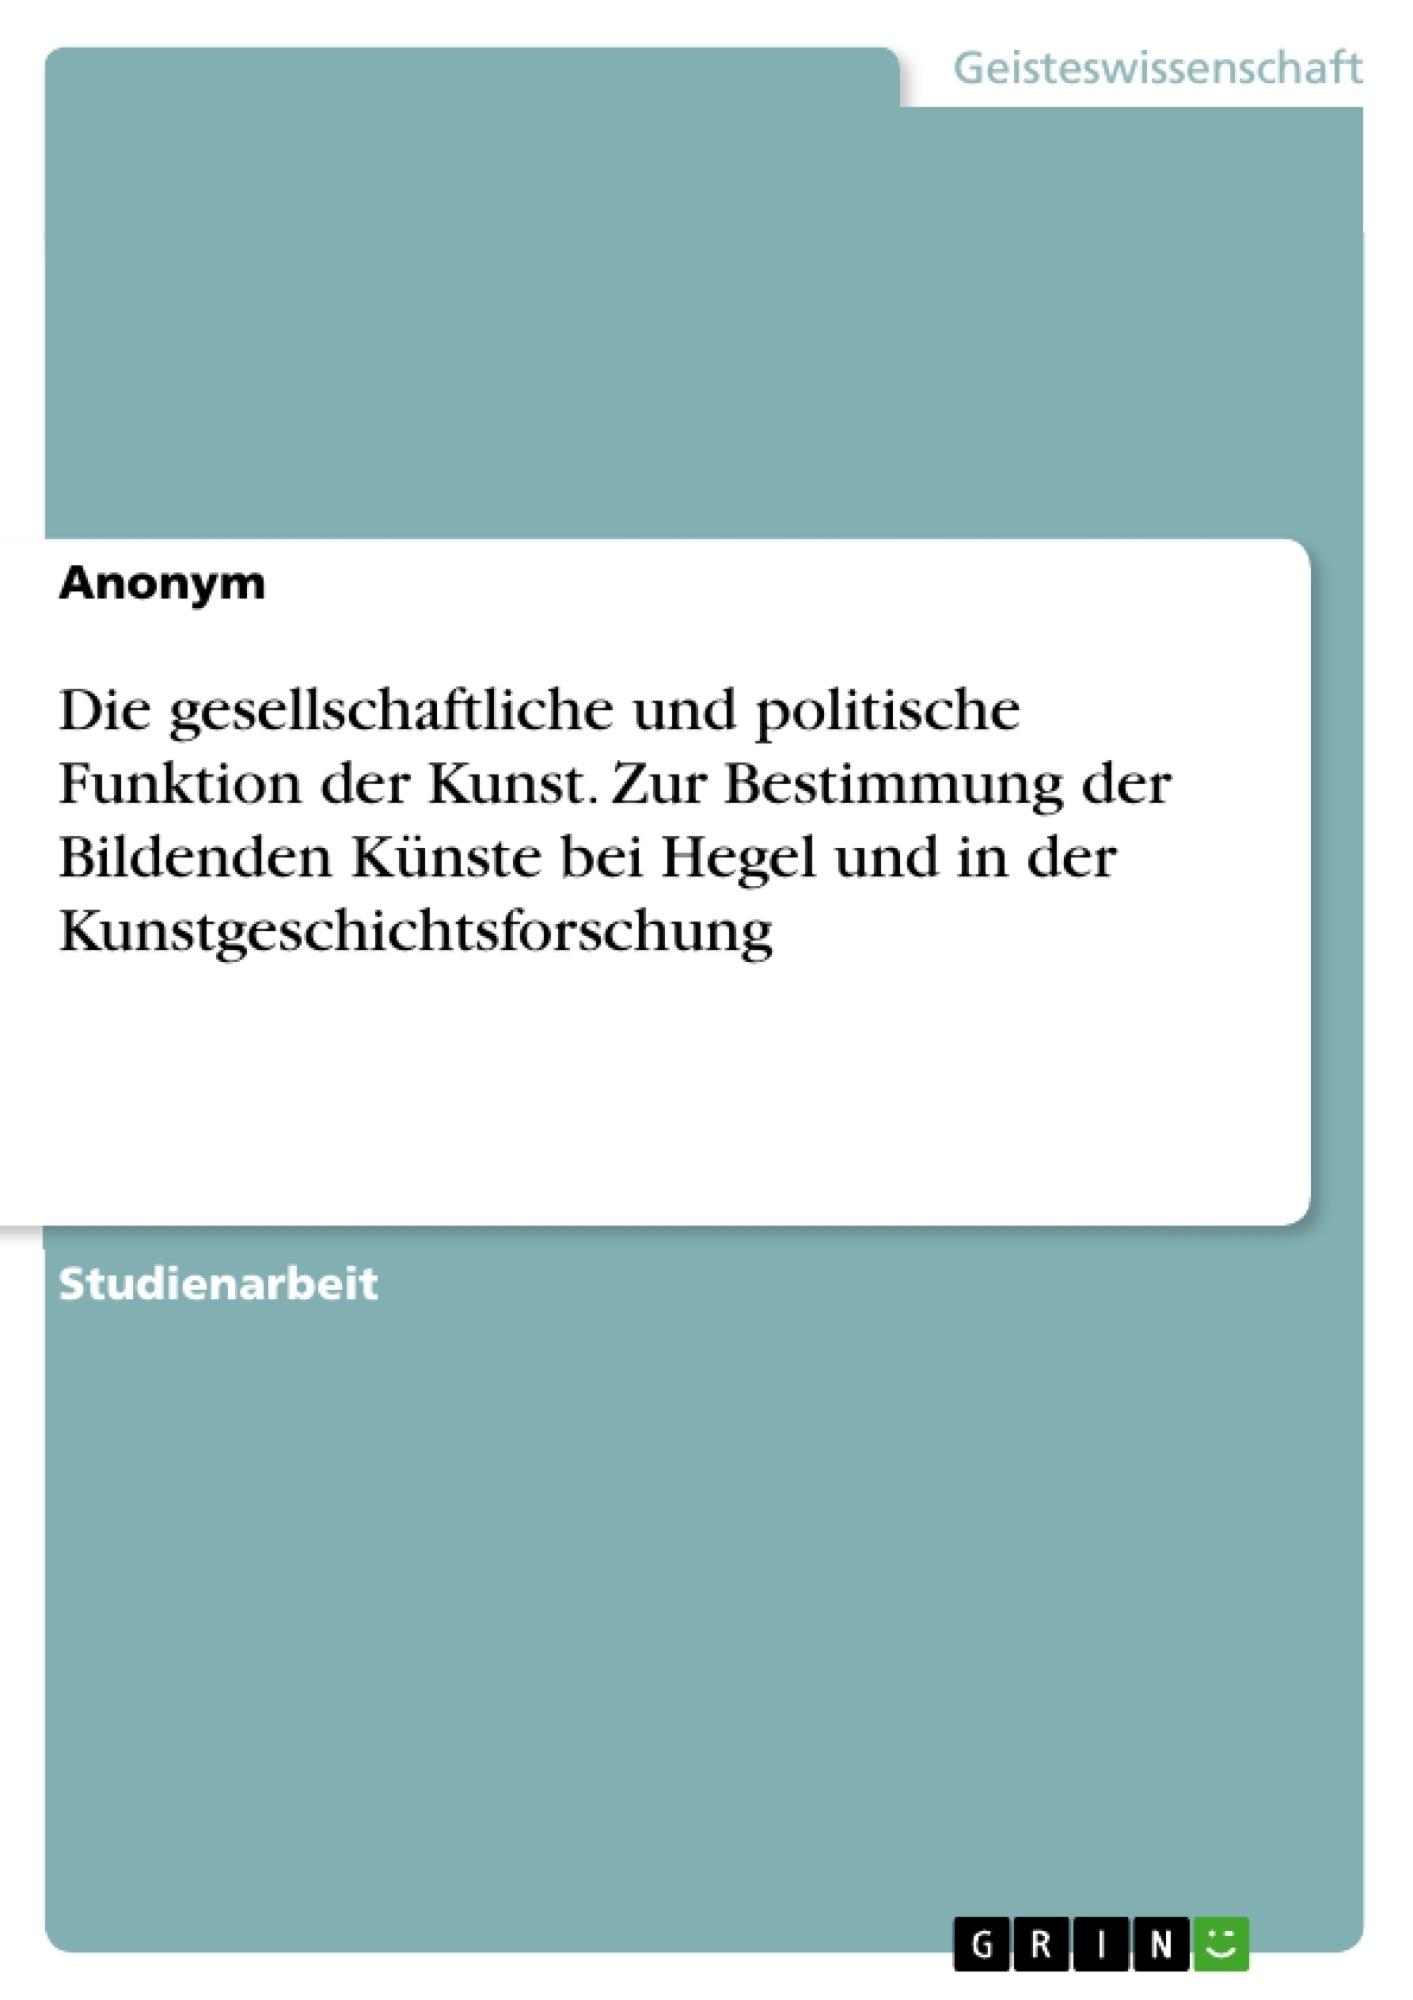 Titel: Die gesellschaftliche und politische Funktion der Kunst. Zur Bestimmung der Bildenden Künste bei Hegel und in der Kunstgeschichtsforschung